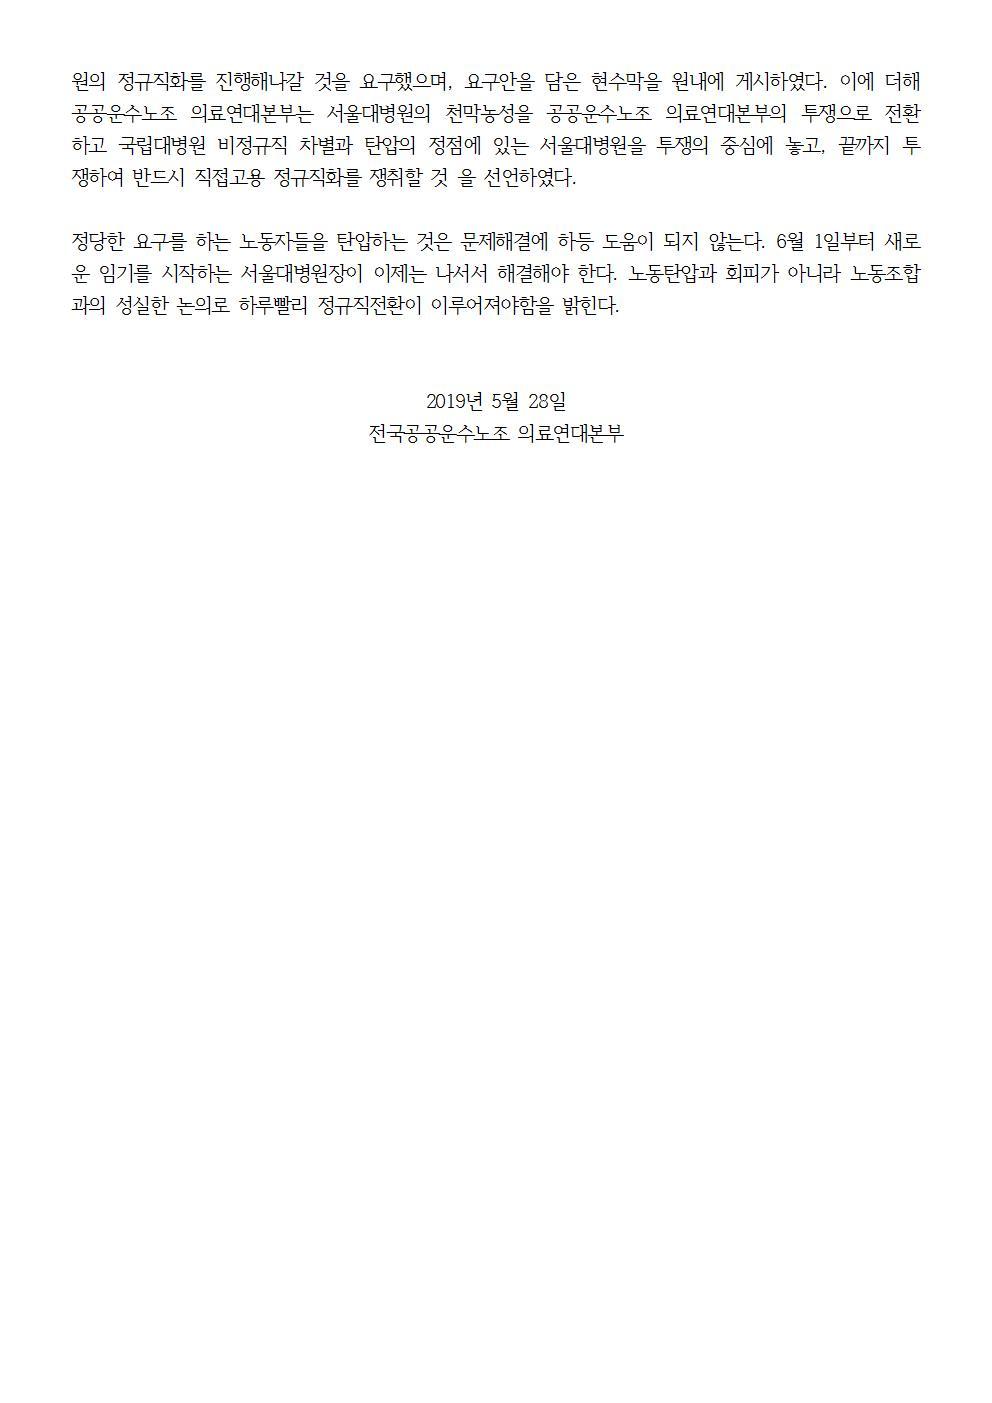 190528_보도자료_서울대병원규탄_3연맹_결의대회002.jpg